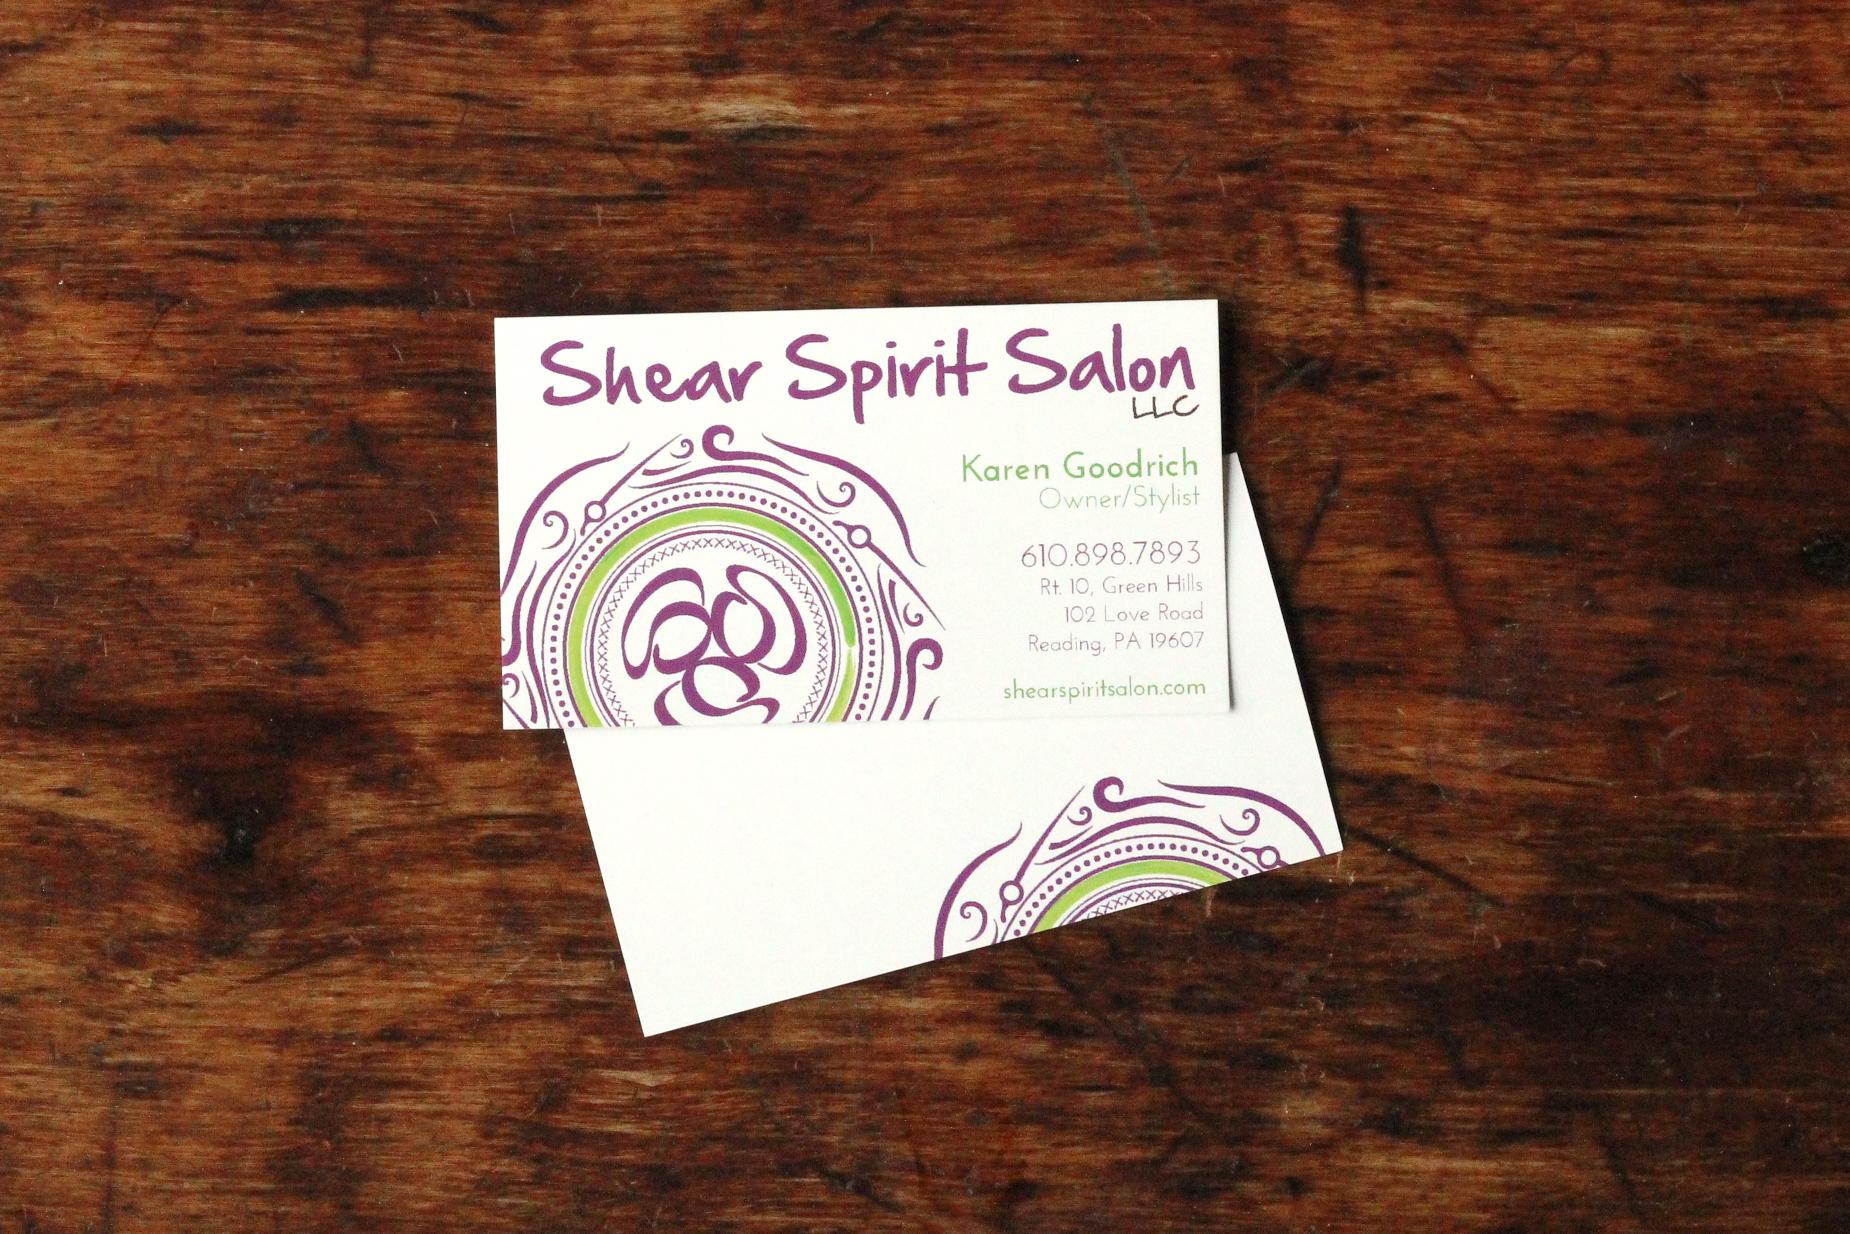 shear spirit salon | business card